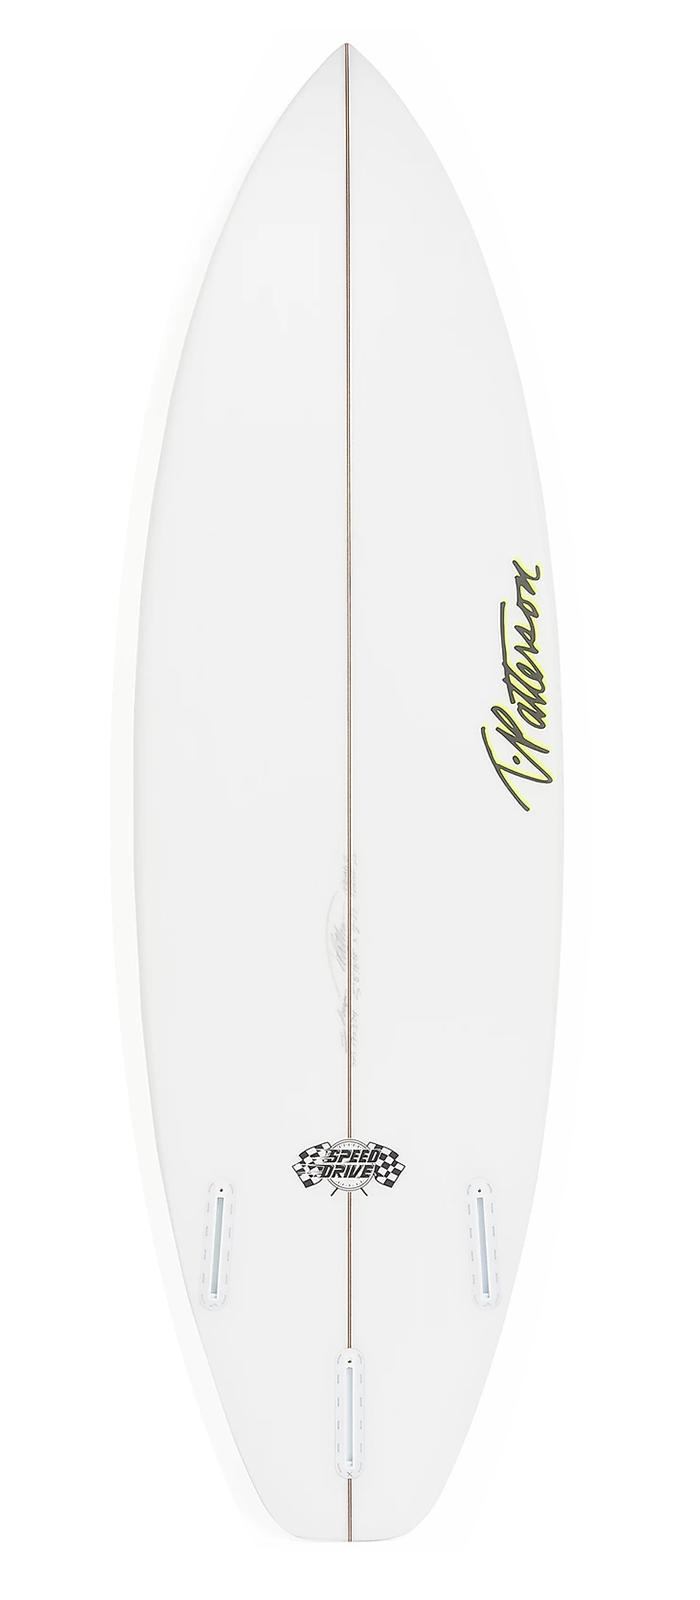 SPEED DRIVE surfboard model bottom